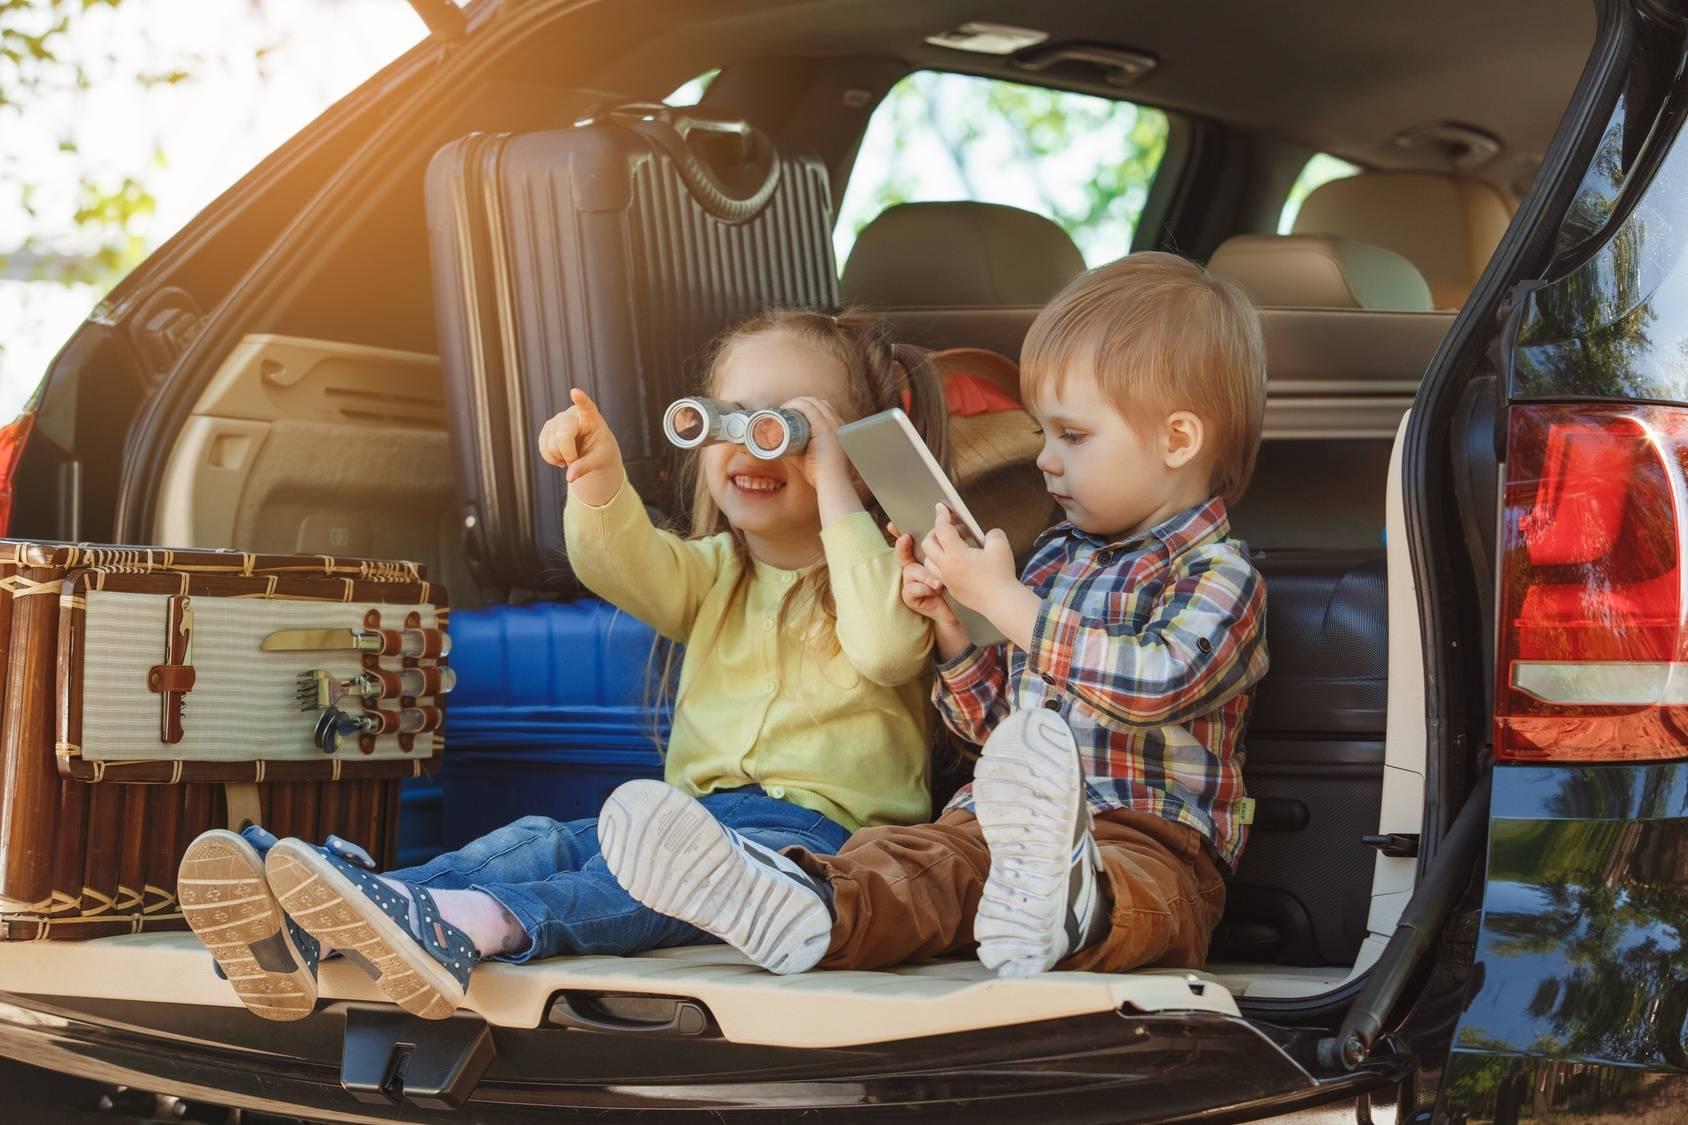 Podróżowanie z dzieckiem - poznaj zasady bezpieczeństwa.